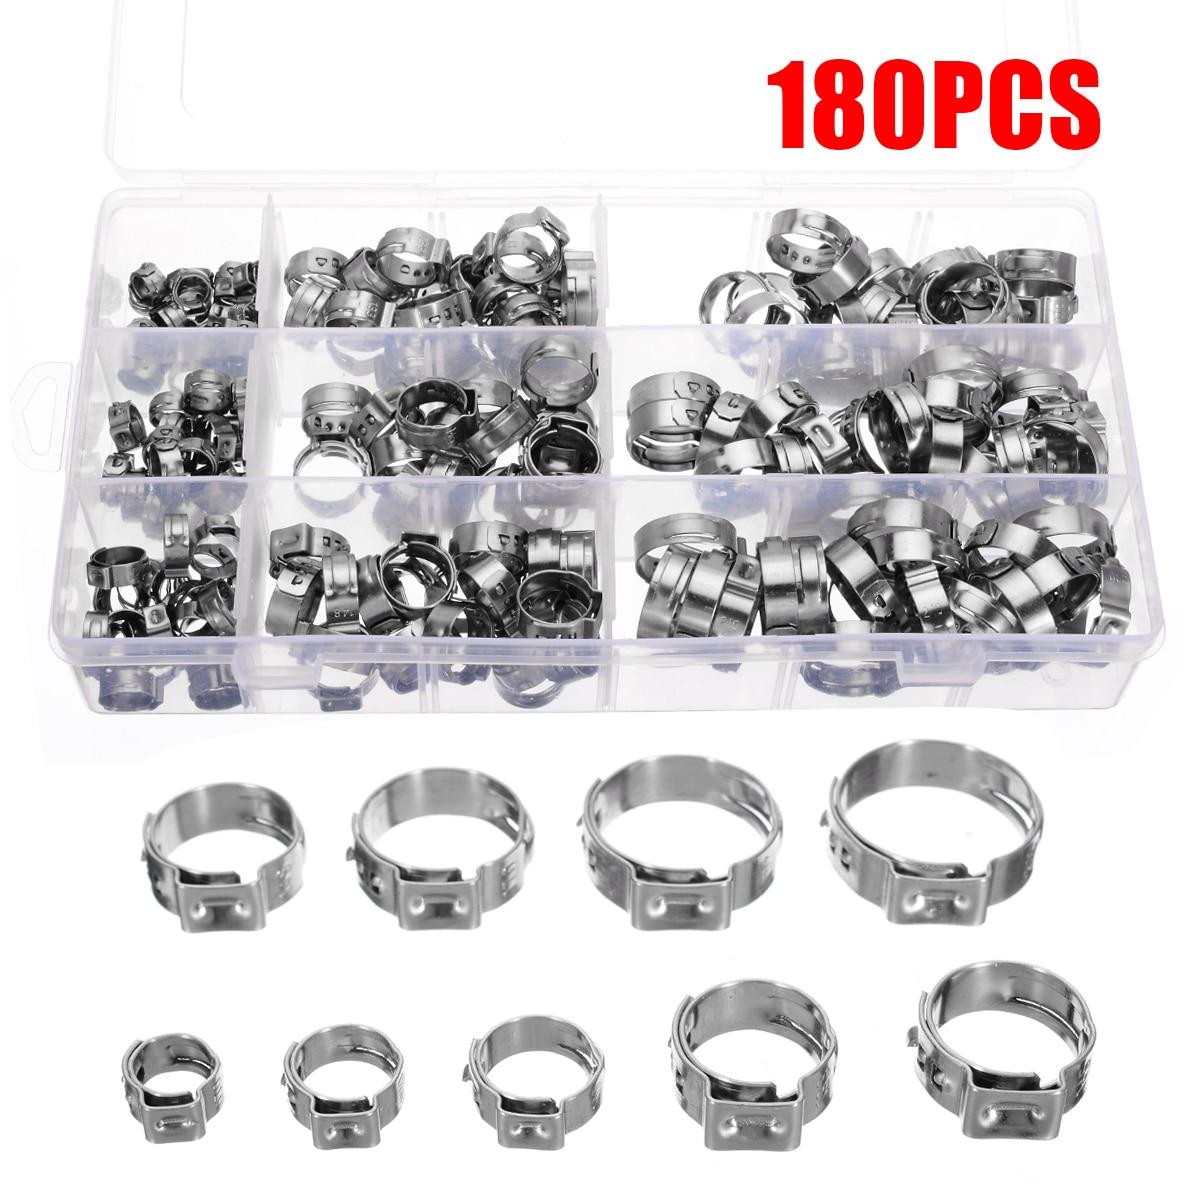 180 pièces/kit en acier inoxydable simple oreille tuyau pince collier de serrage assortiment Kit oreille Stepless anneaux de serrage pince à sertir Fit 5.8-21mm